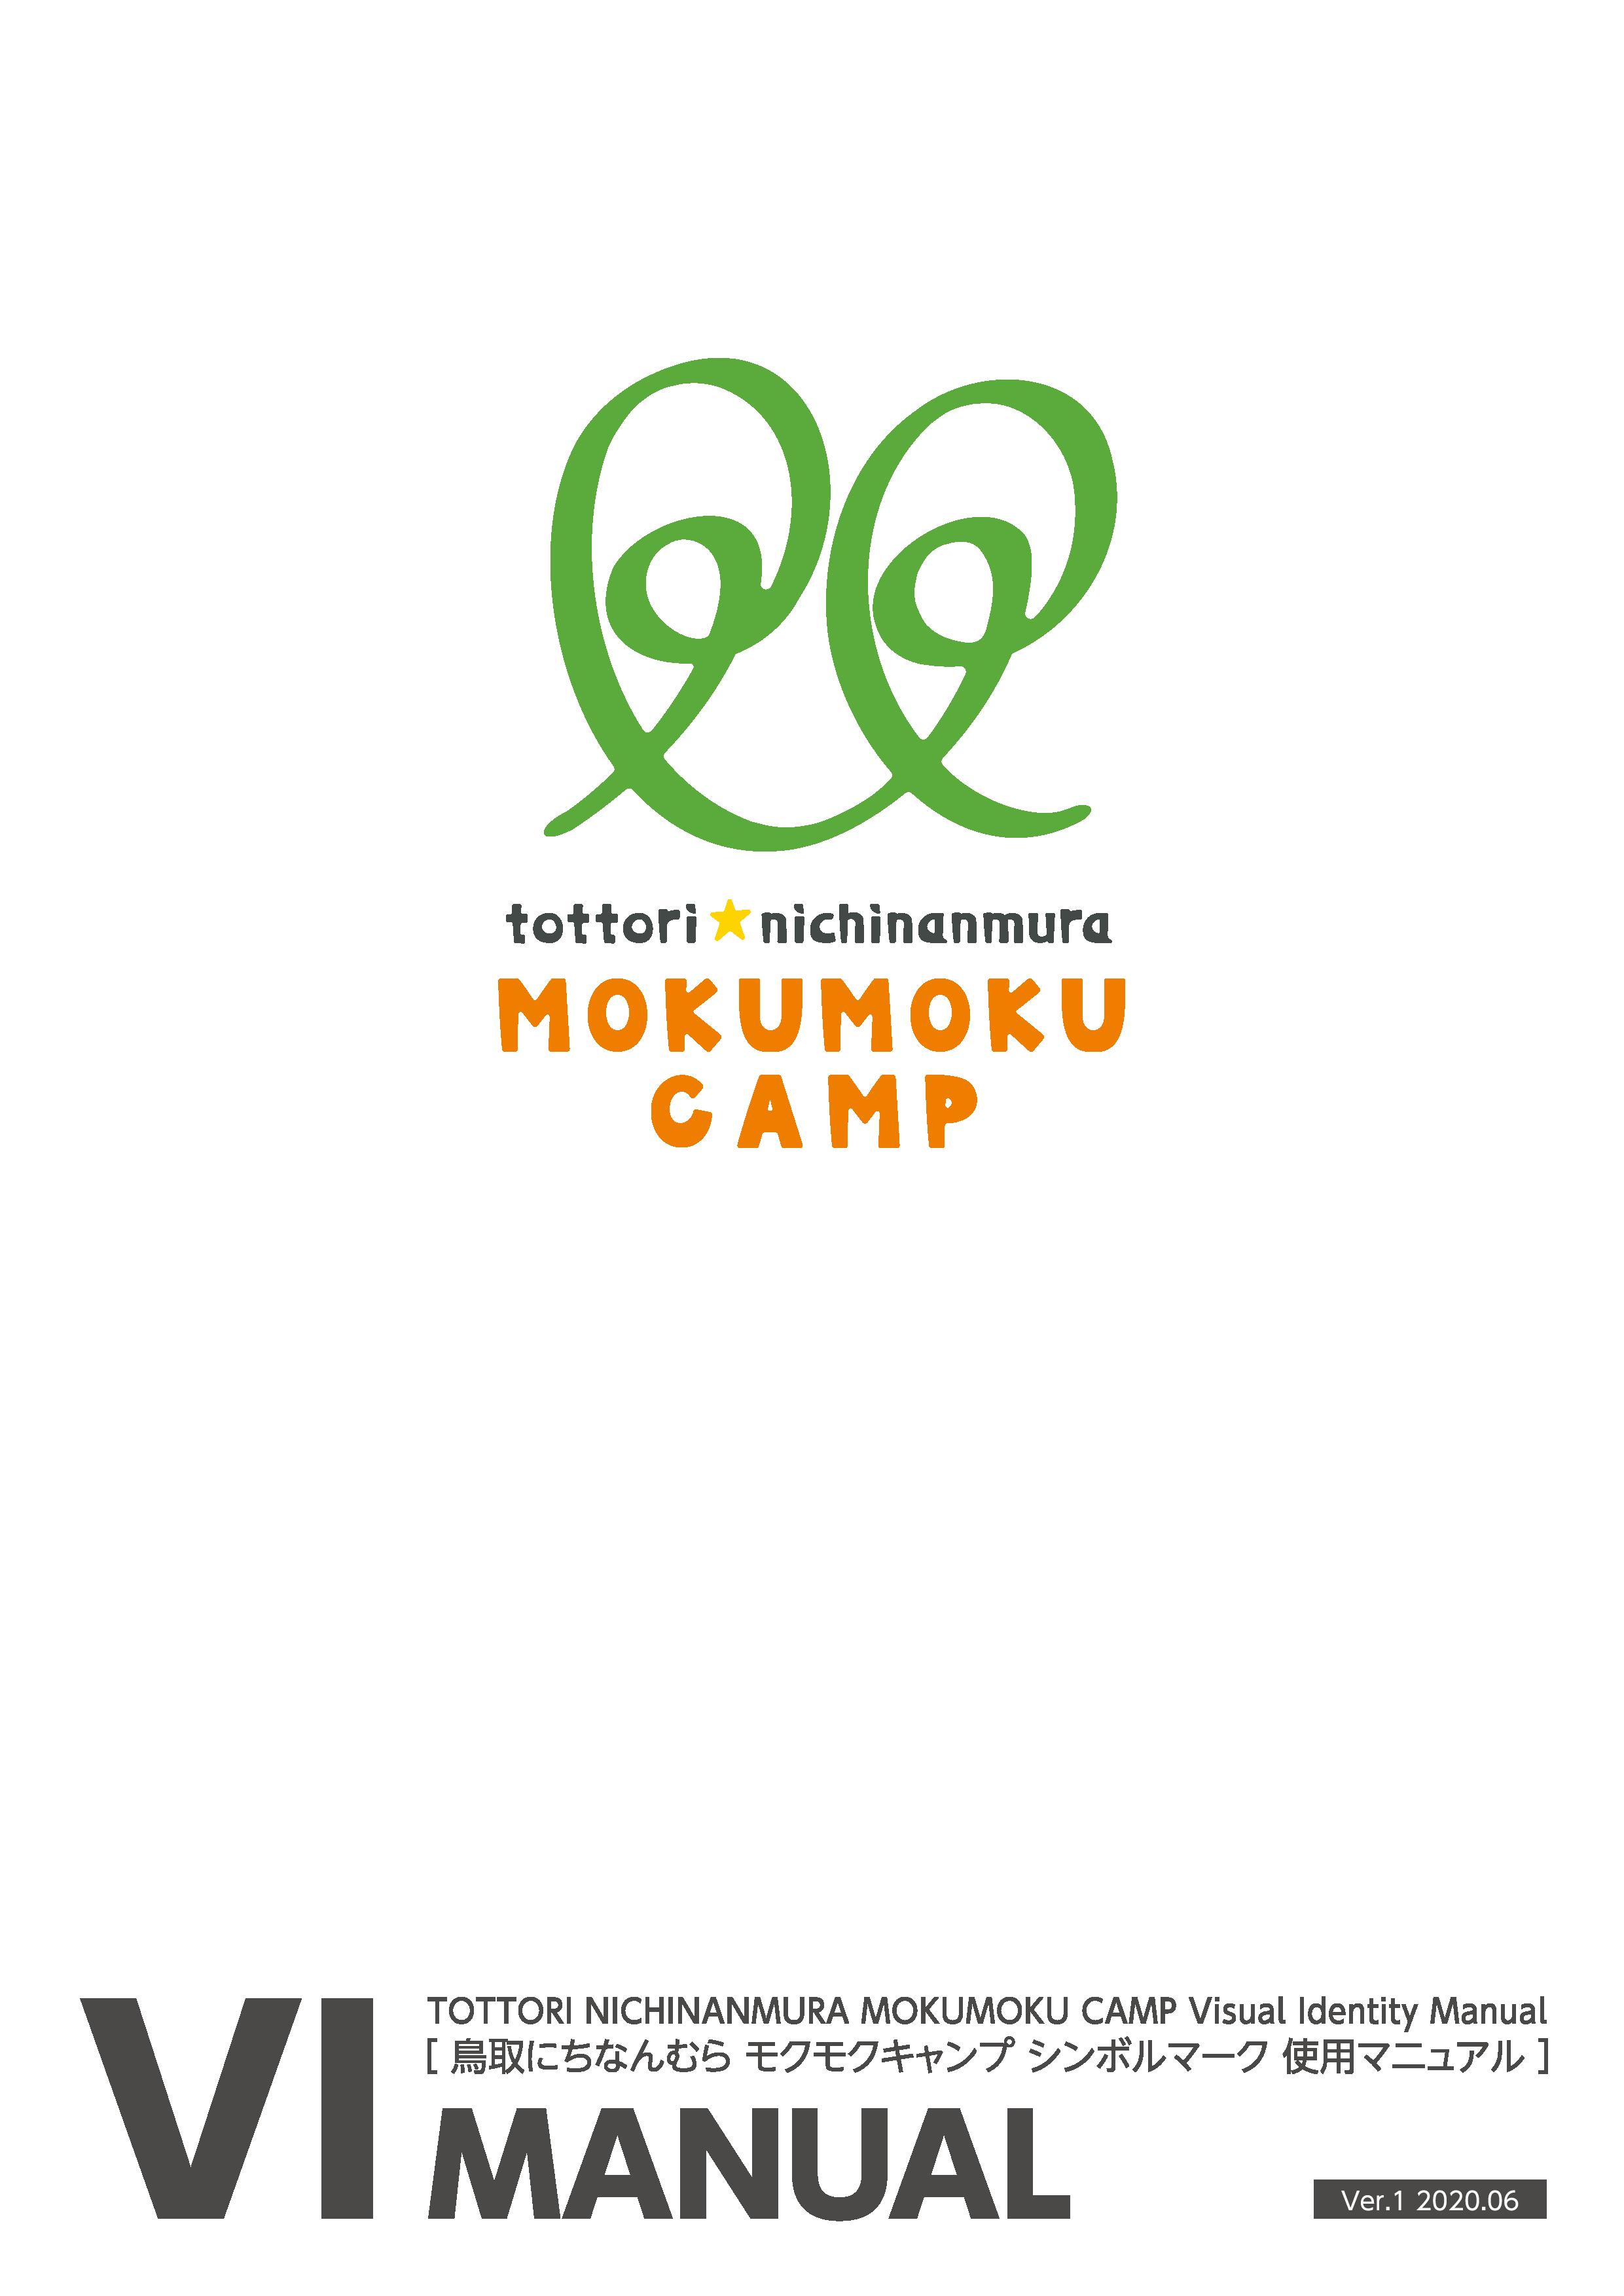 鳥取にちなんむらモクモクキャンプ-ロゴマーク01